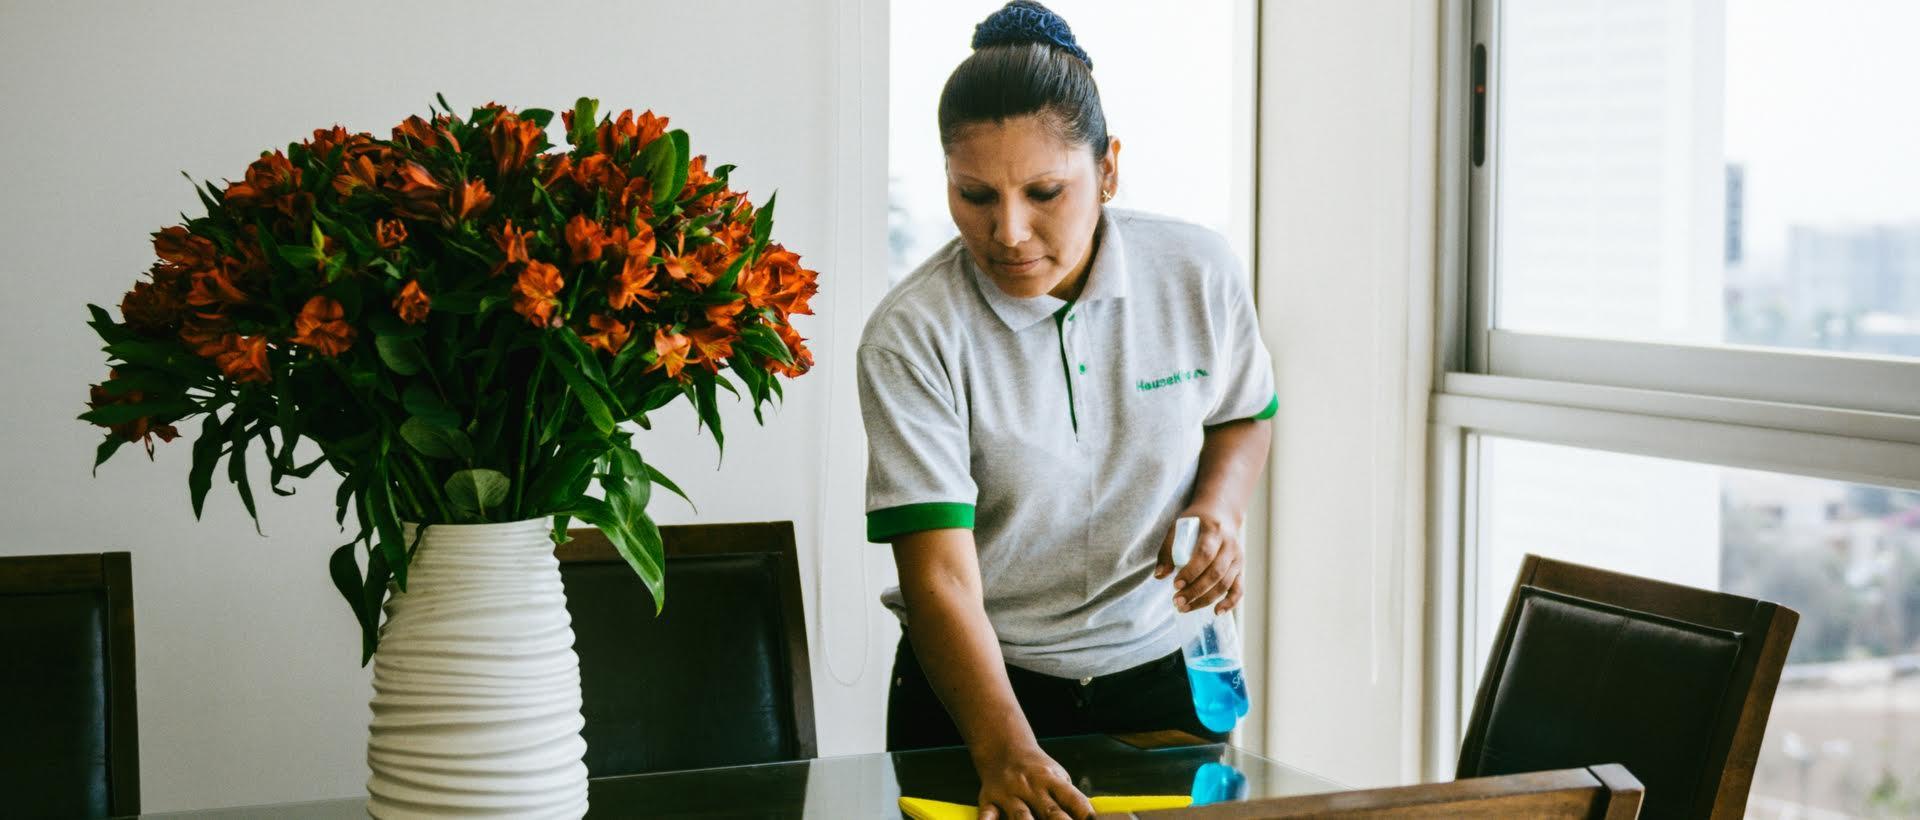 1 -Housekipp Employee 12.50.04 PM 12.50.04 PM.jpg